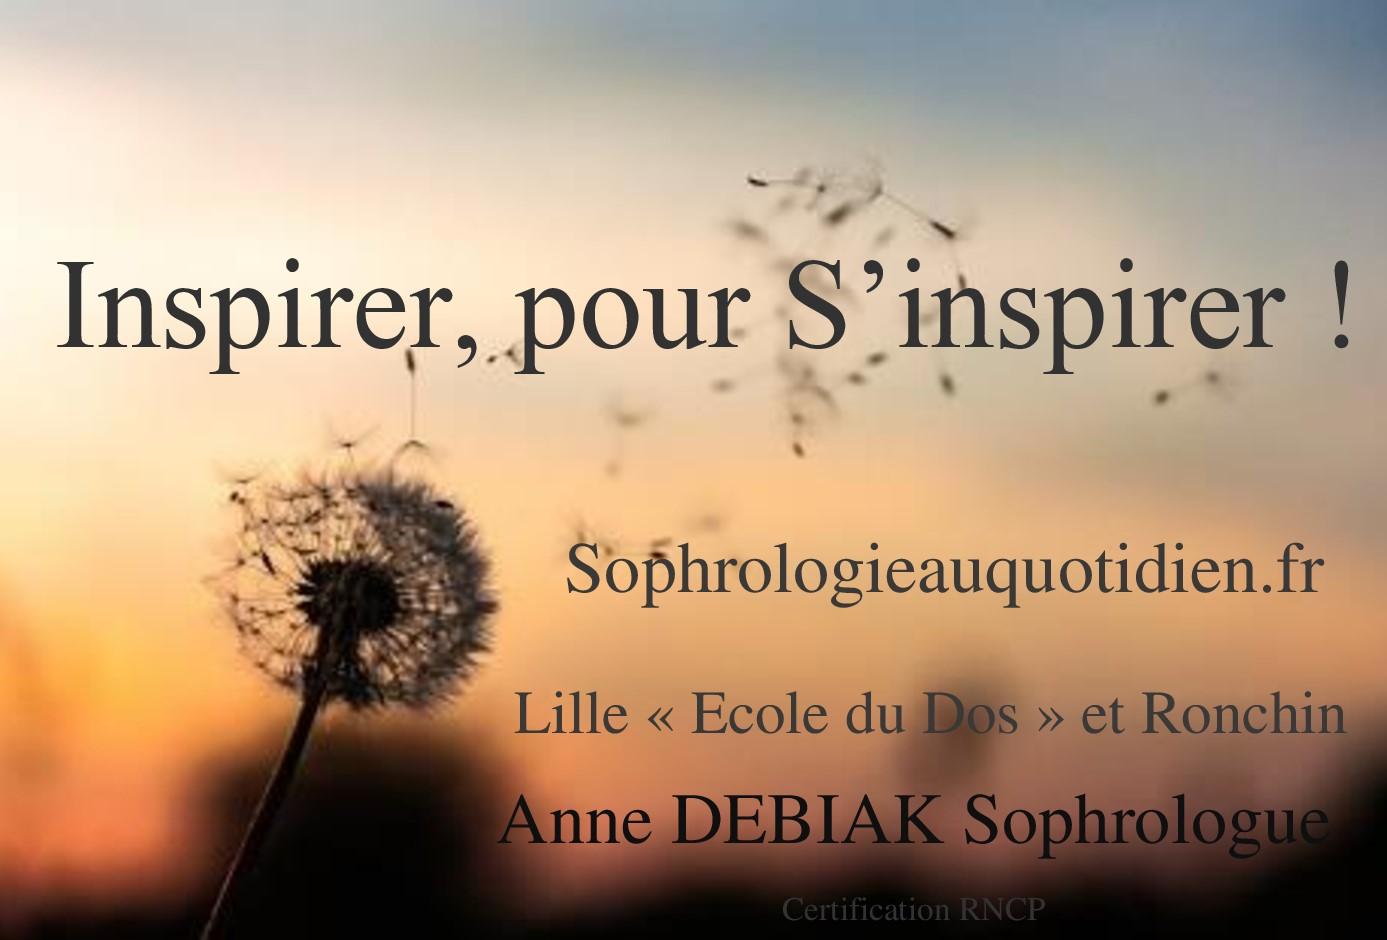 Inspirer pour s'inspirer